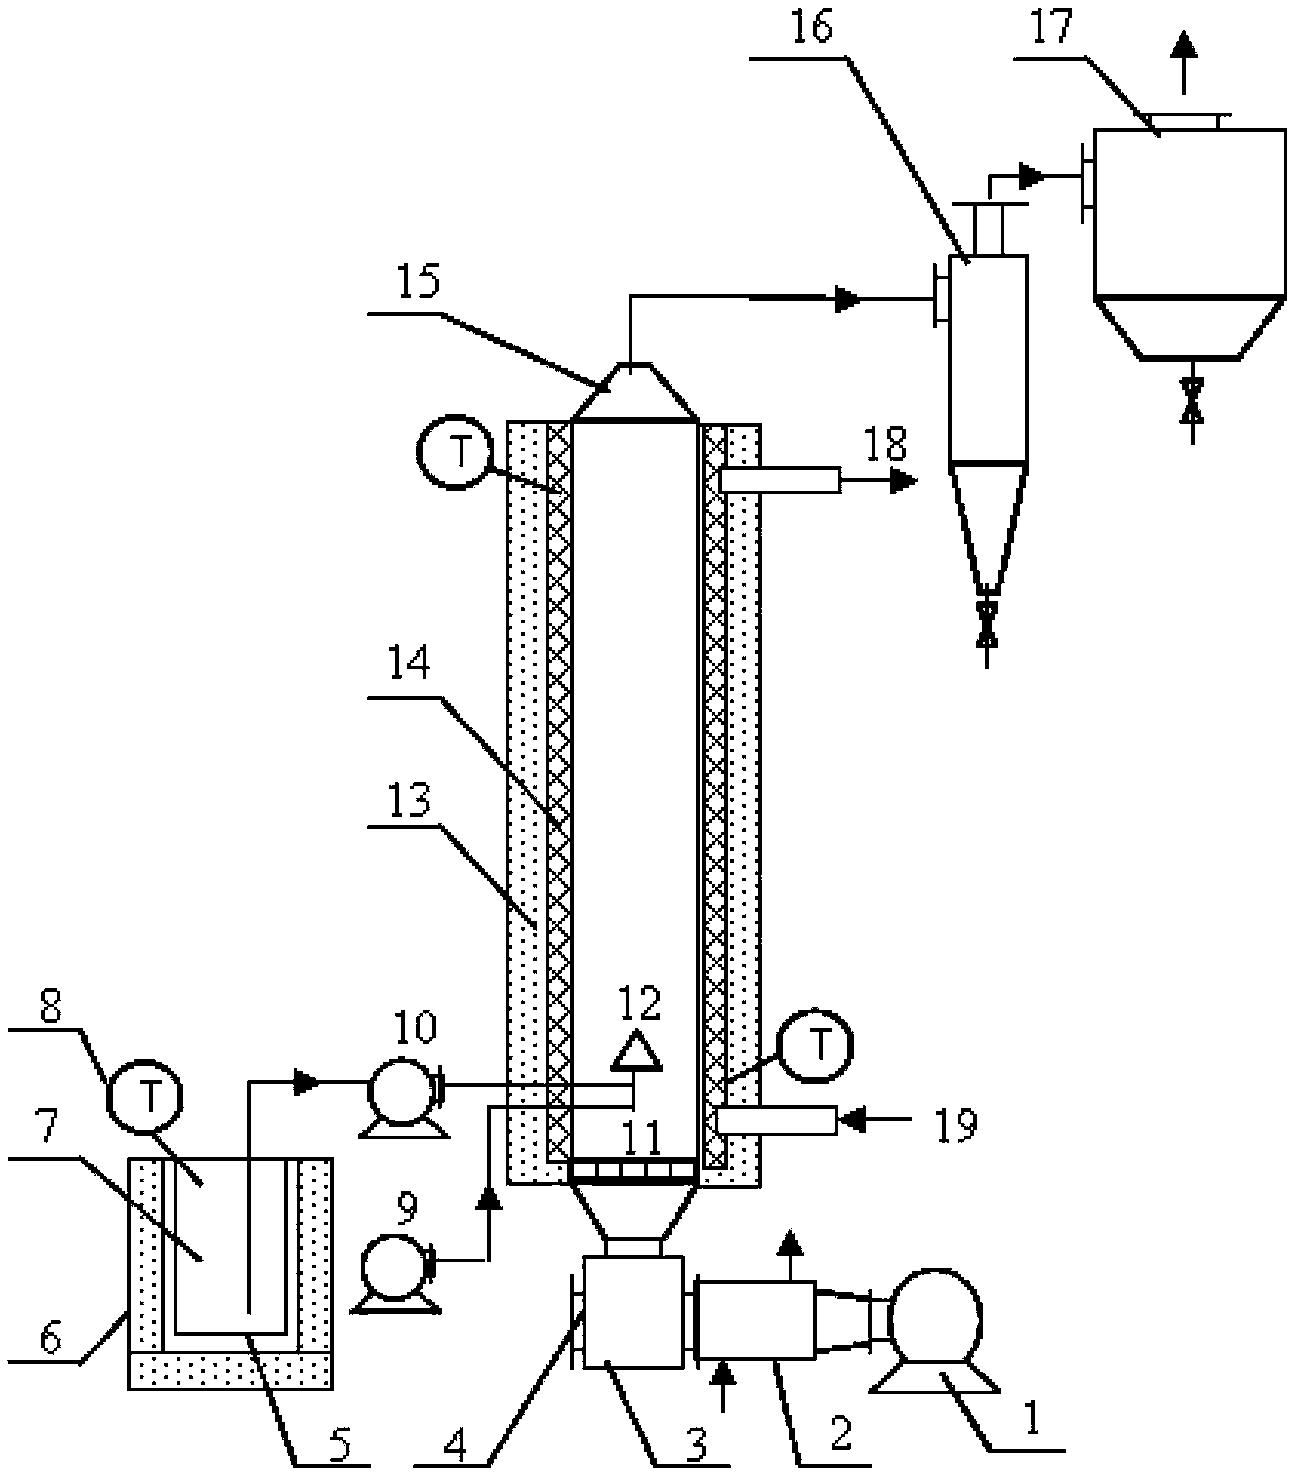 一种聚乙烯蜡微粉的制备方法及喷雾造粒系统